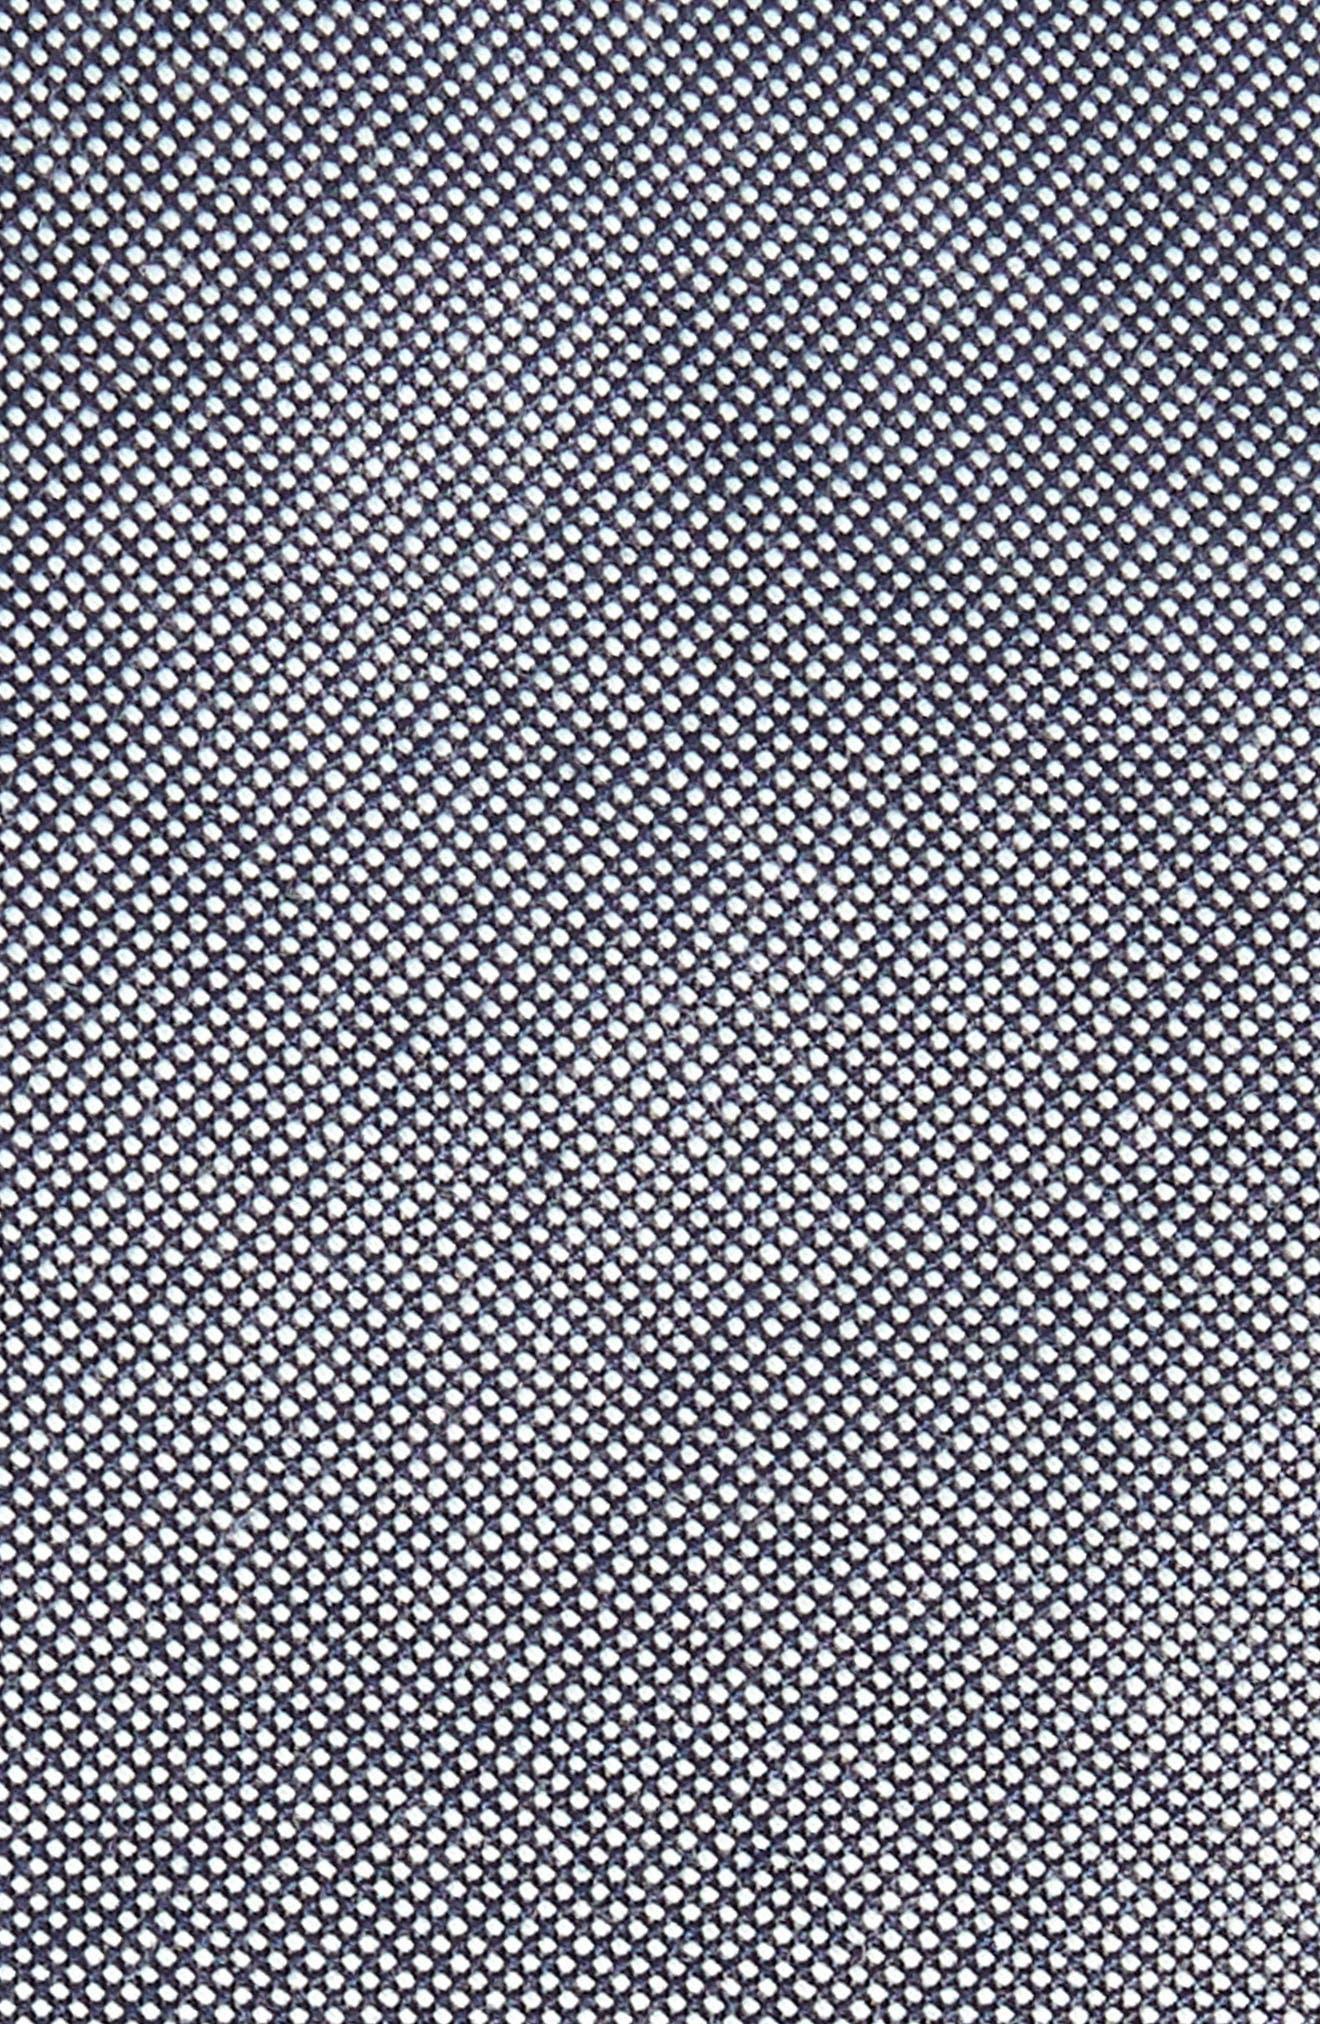 Combin Solid Cotton Blend Tie,                             Alternate thumbnail 2, color,